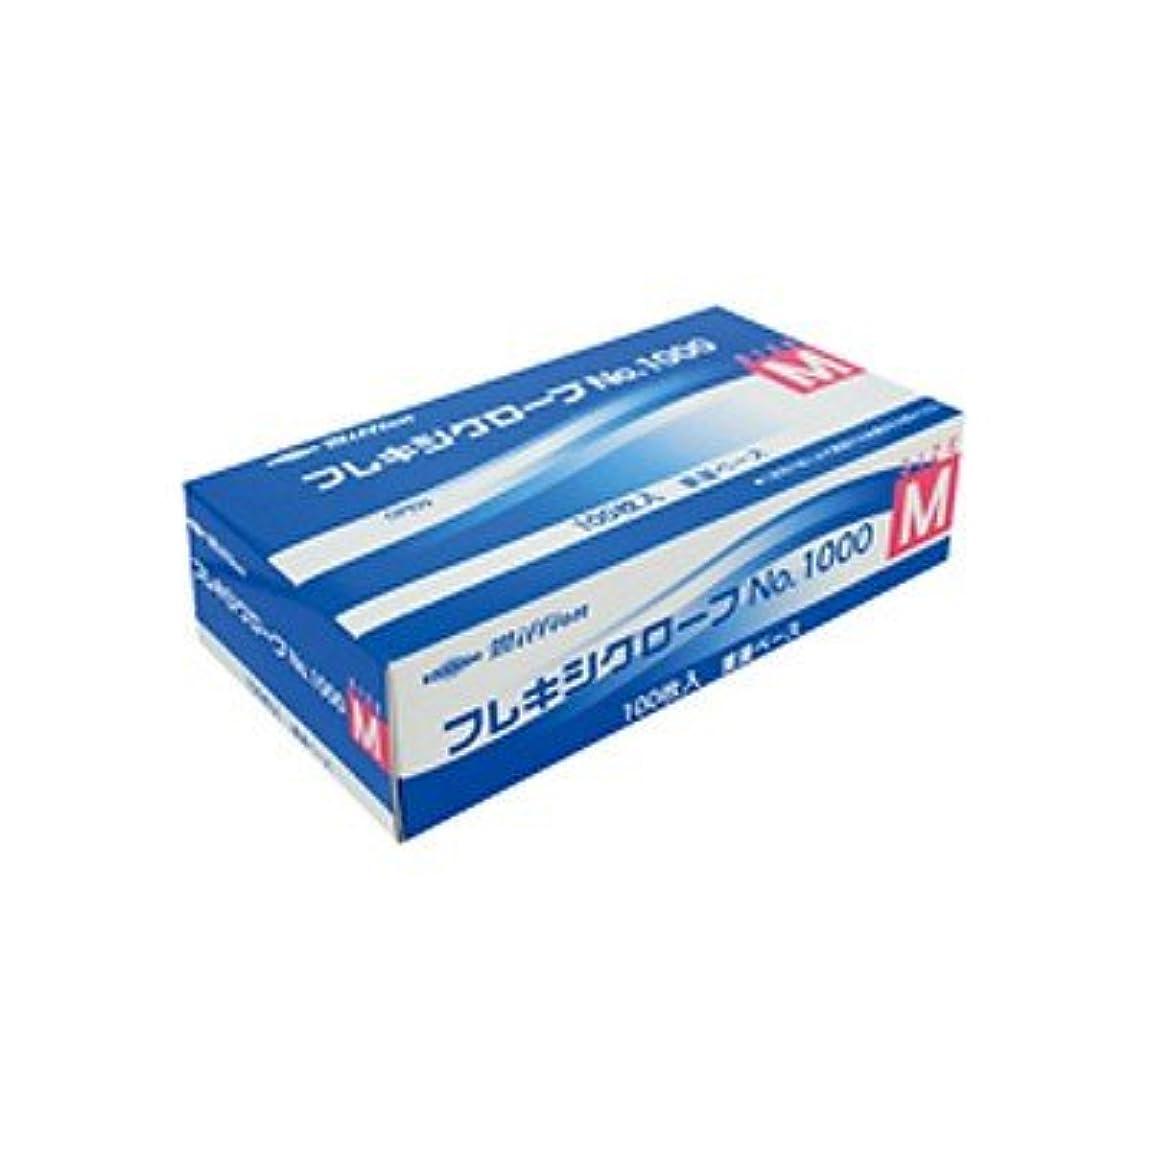 不名誉な株式会社三角ミリオン プラスチック手袋 粉付No.1000 M 品番:LH-1000-M 注文番号:62741545 メーカー:共和